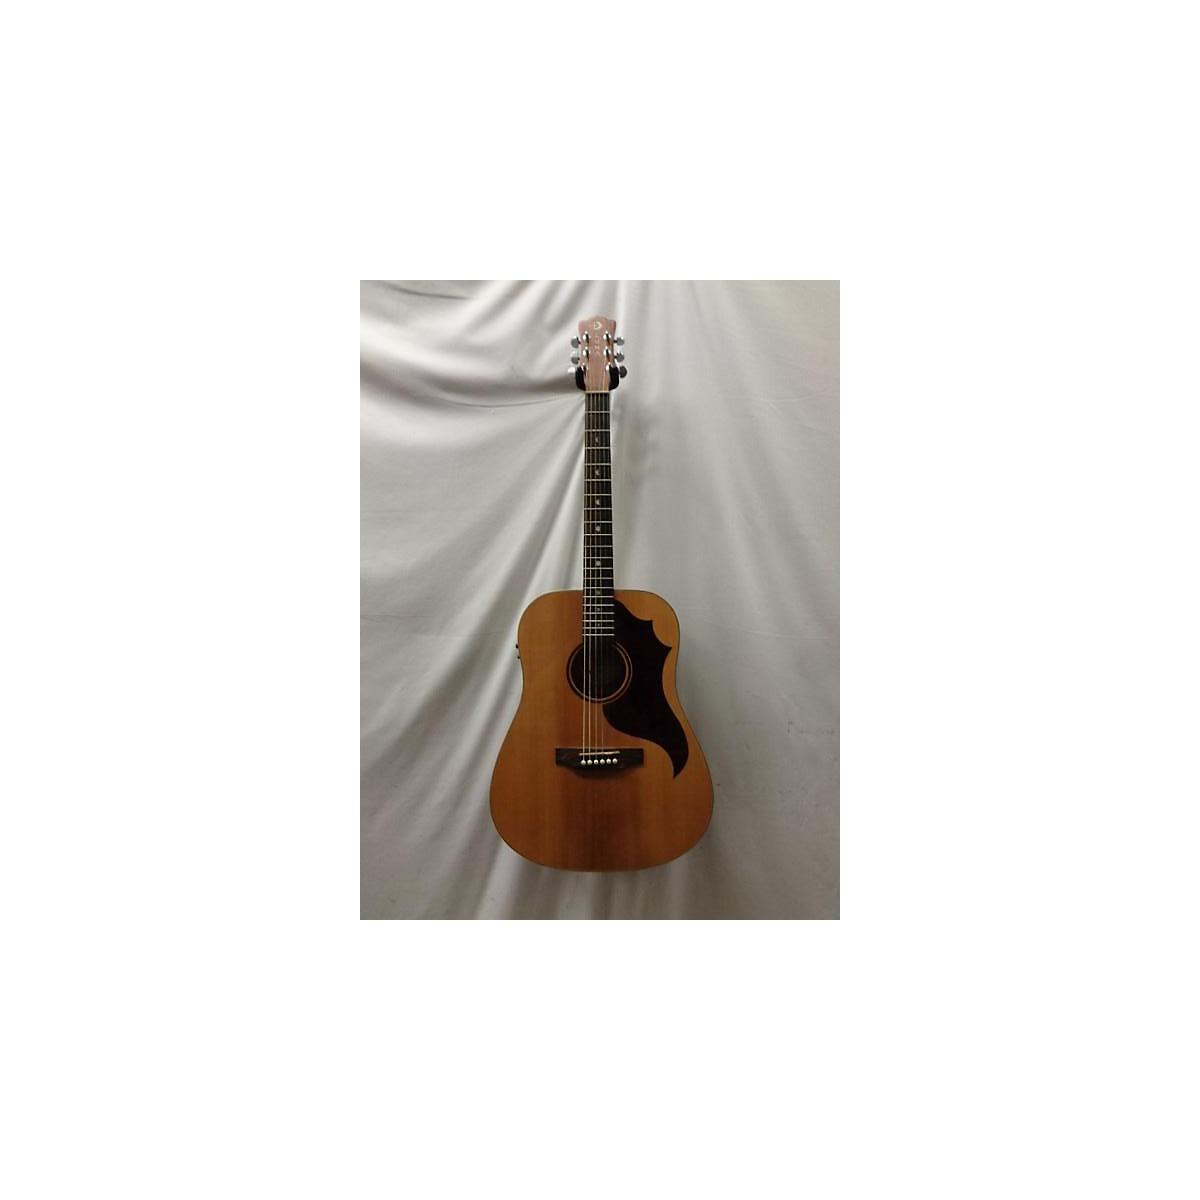 Luna Guitars AM T100 Acoustic Electric Guitar